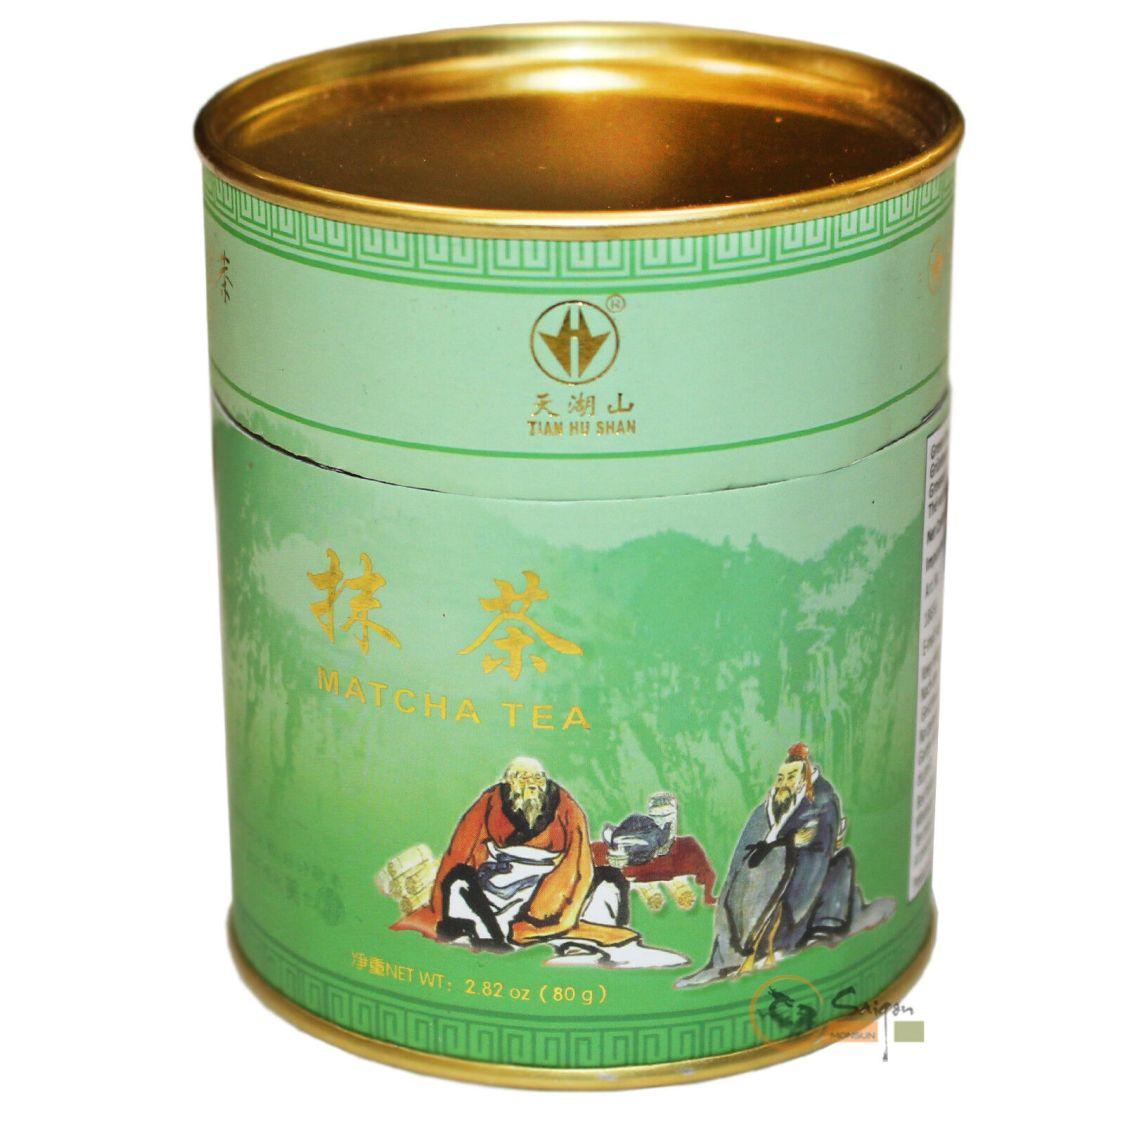 80g THS Grünteepulver Matcha Grüner Tee Pulver Grüner Teepulver